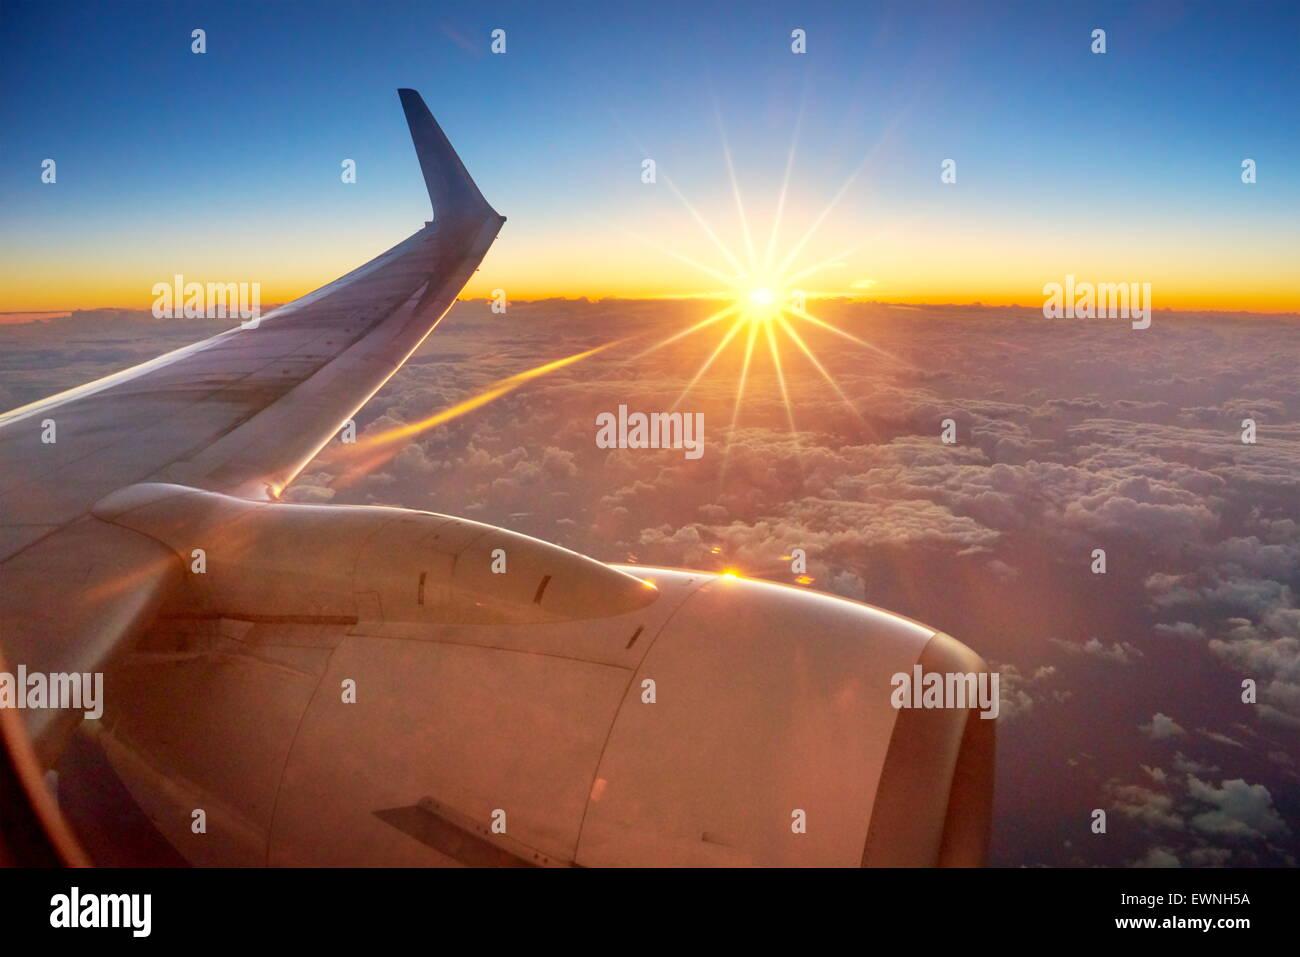 Sonnenuntergang Blick aus dem Flugzeug Fenster Stockbild